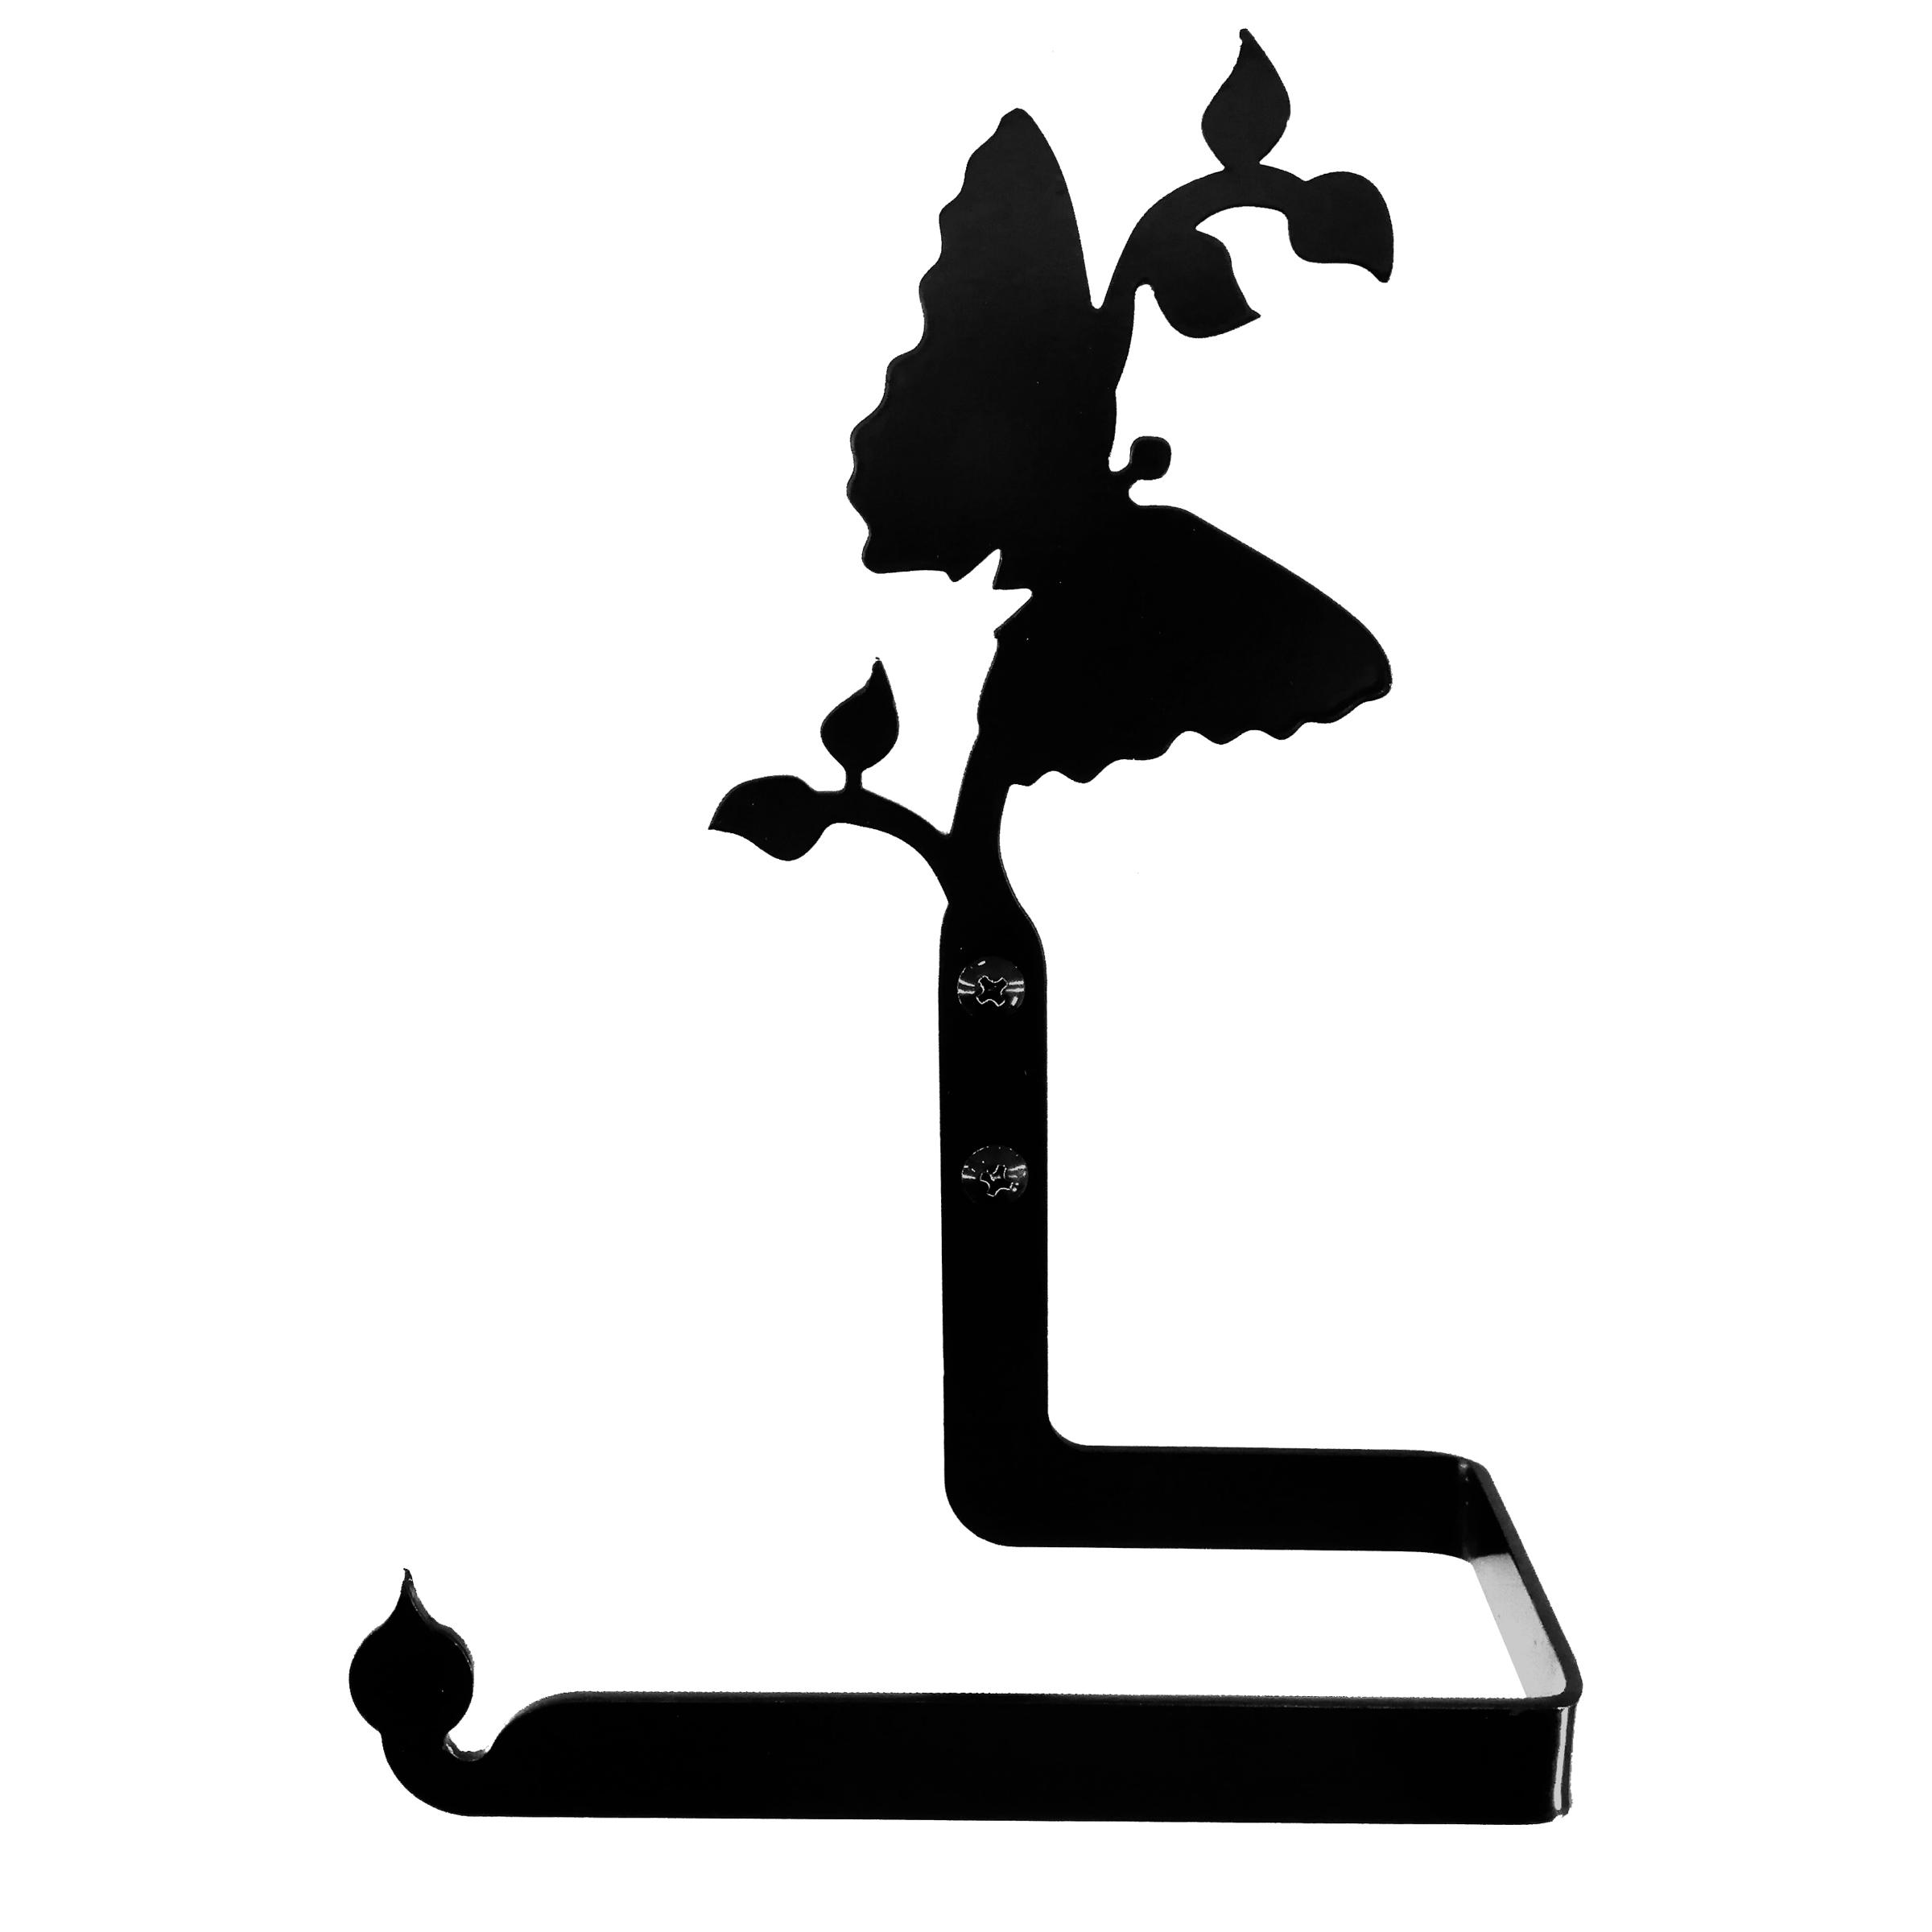 پایه رول دستمال کاغذی طرح پروانه کد KMJ4